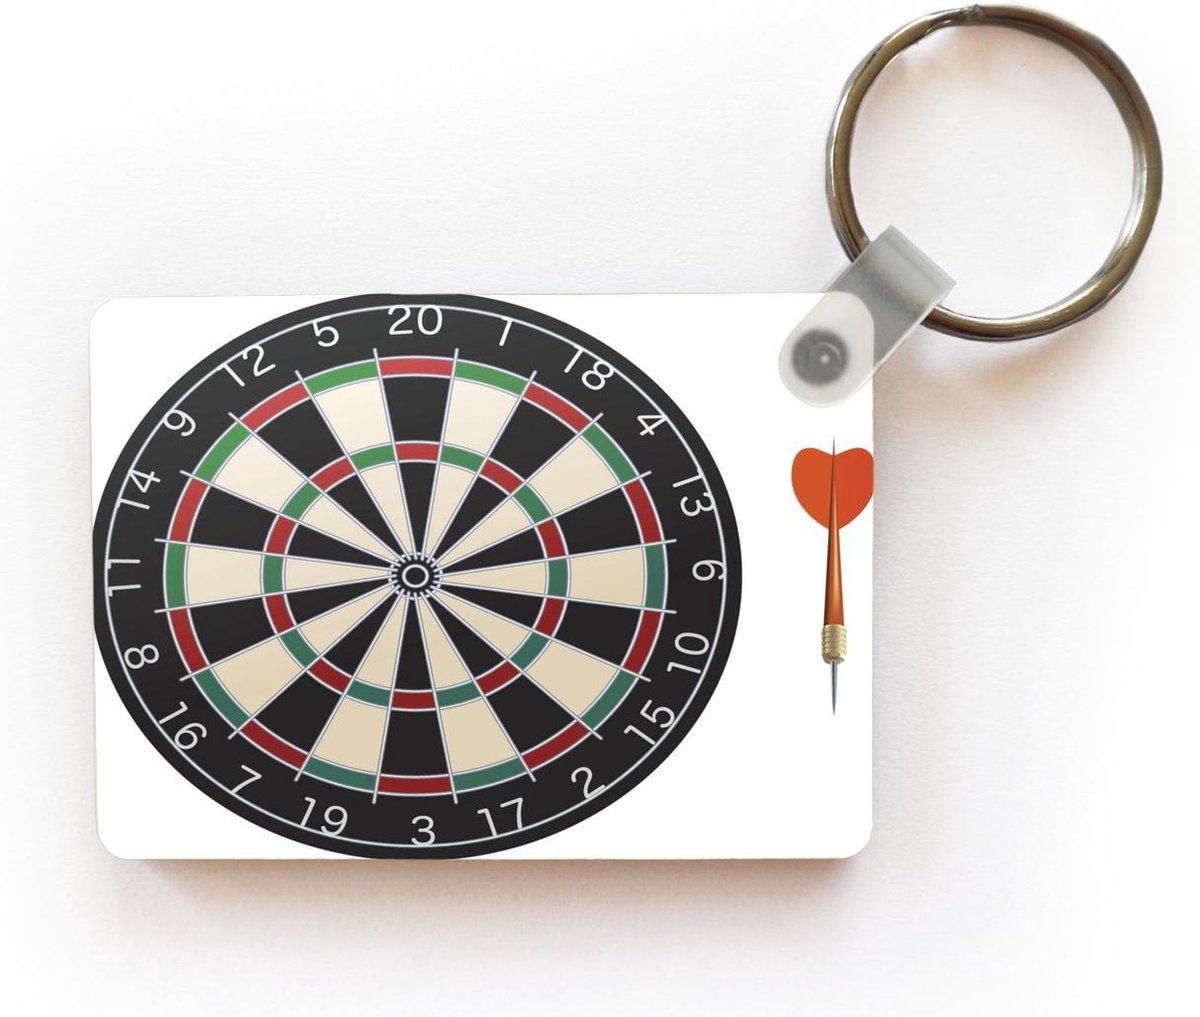 Sleutelhanger Darten illustratie - Een illustratie van een dartpijl naast het dartbord sleutelhanger plastic - rechthoekige sleutelhanger met foto